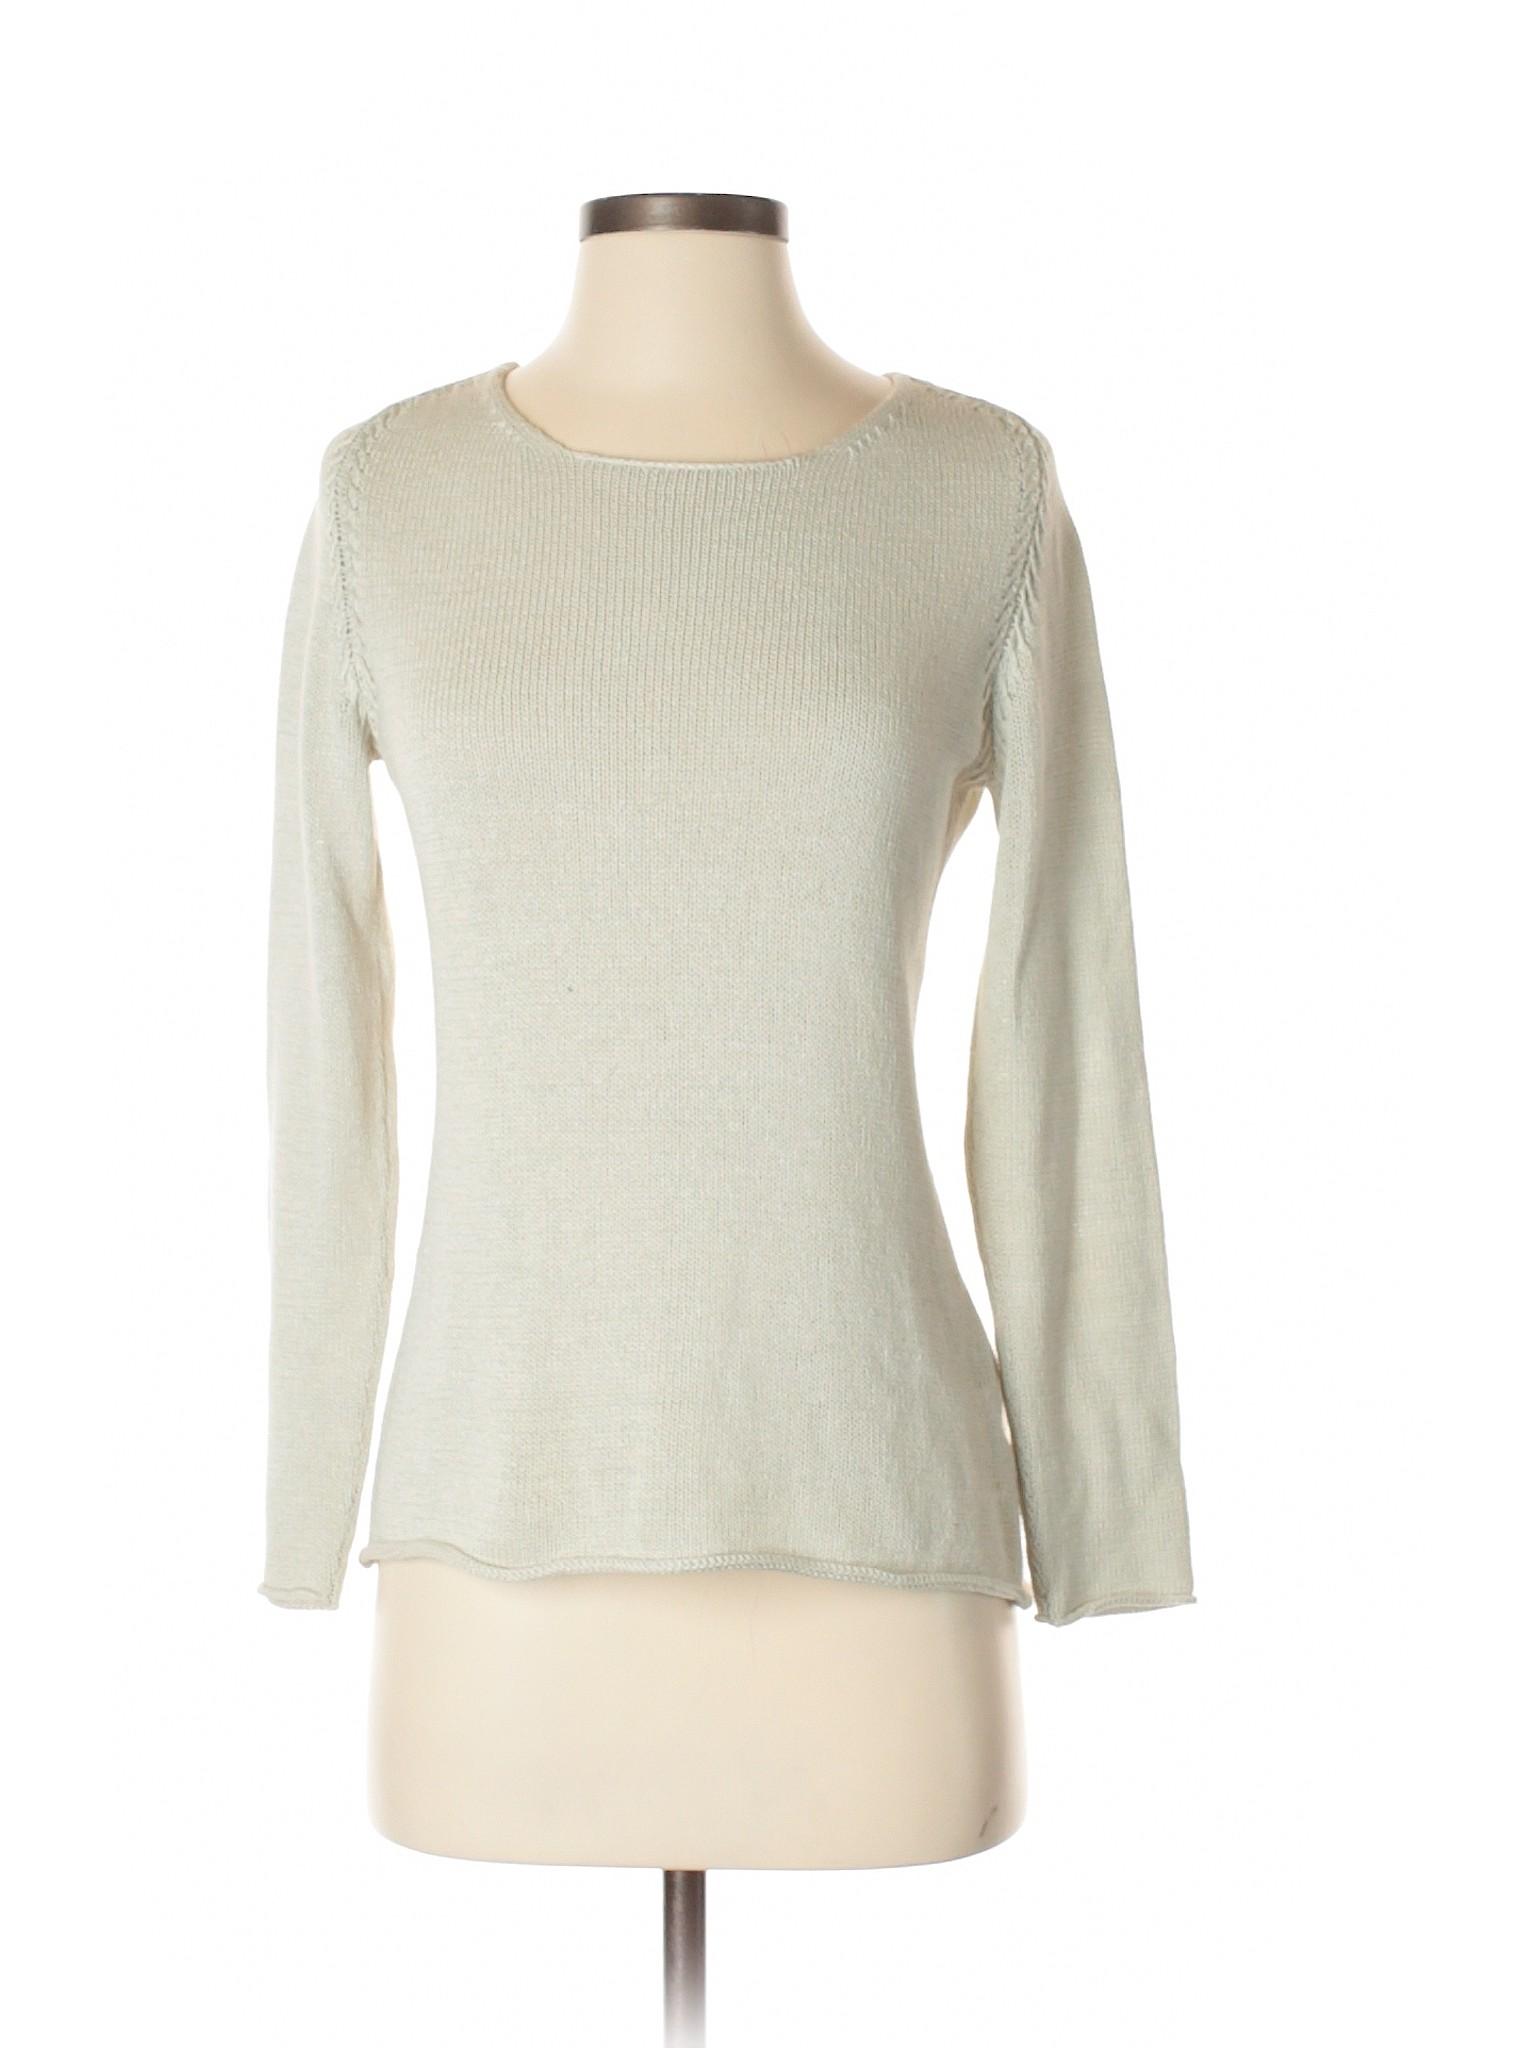 Pullover Boutique Barni Boutique Aida Aida Sweater qwItadvxd